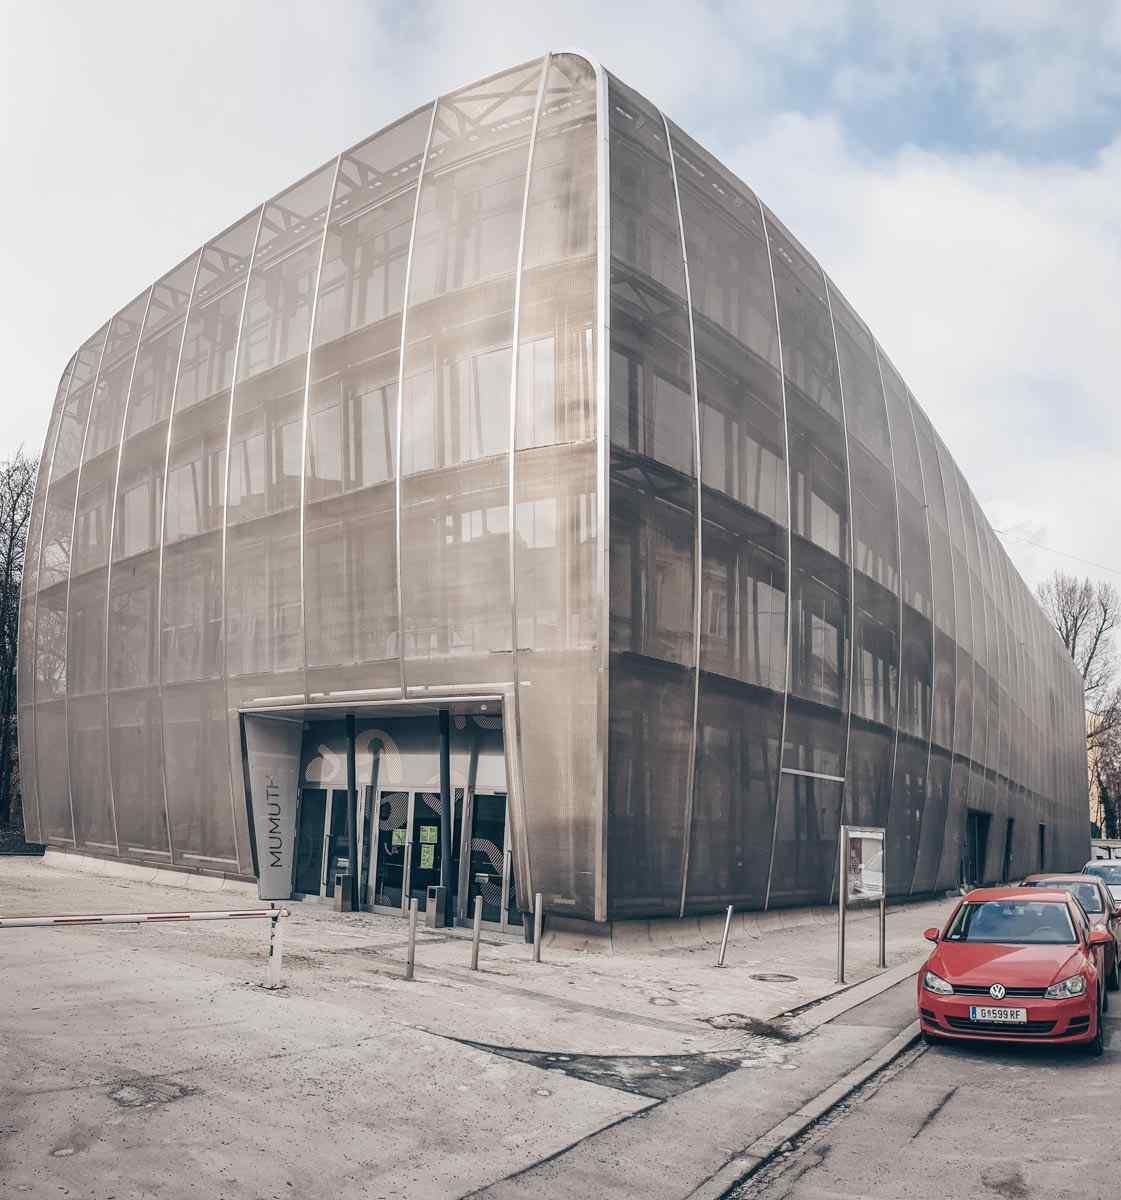 Graz Sehenswürdigkeiten: Die neue Theater für Proben und Aufführungen für die Universität für Musik